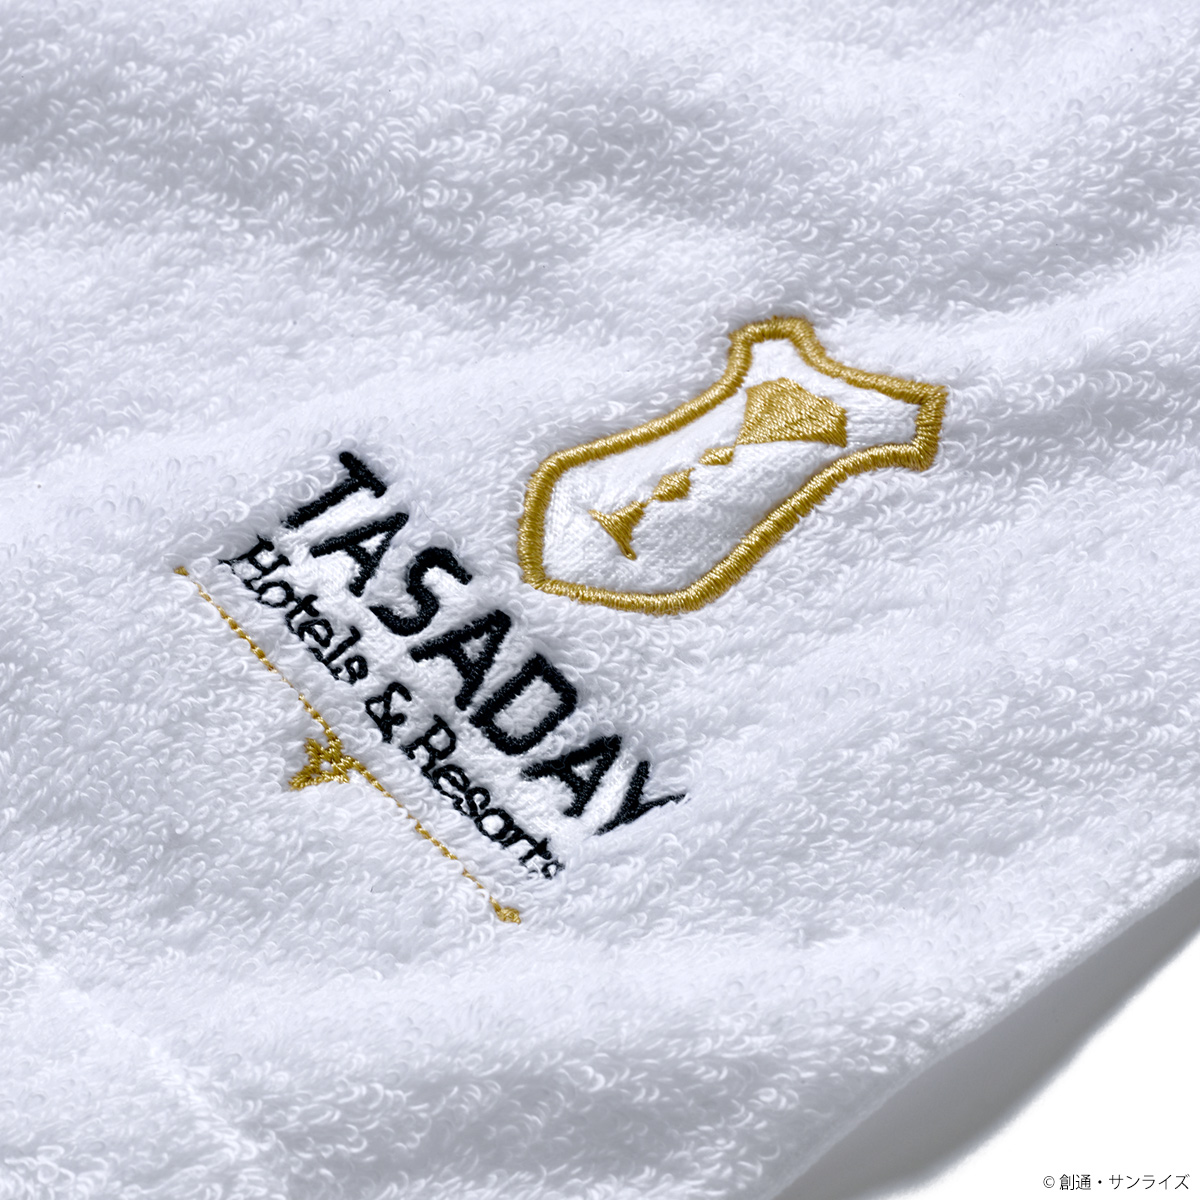 映画『機動戦士ガンダム 閃光のハサウェイ』の舞台となる、タサダイ・ホテルのグッズをイメージしたコレクション登場!